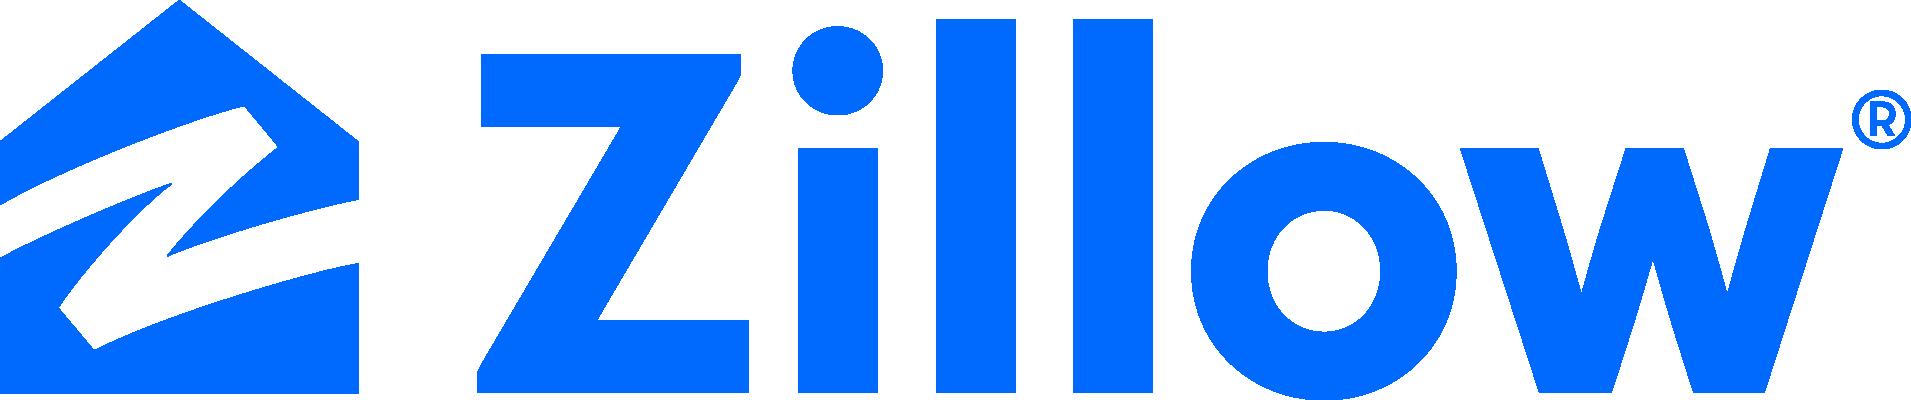 Zillow MediaRoom - Logos